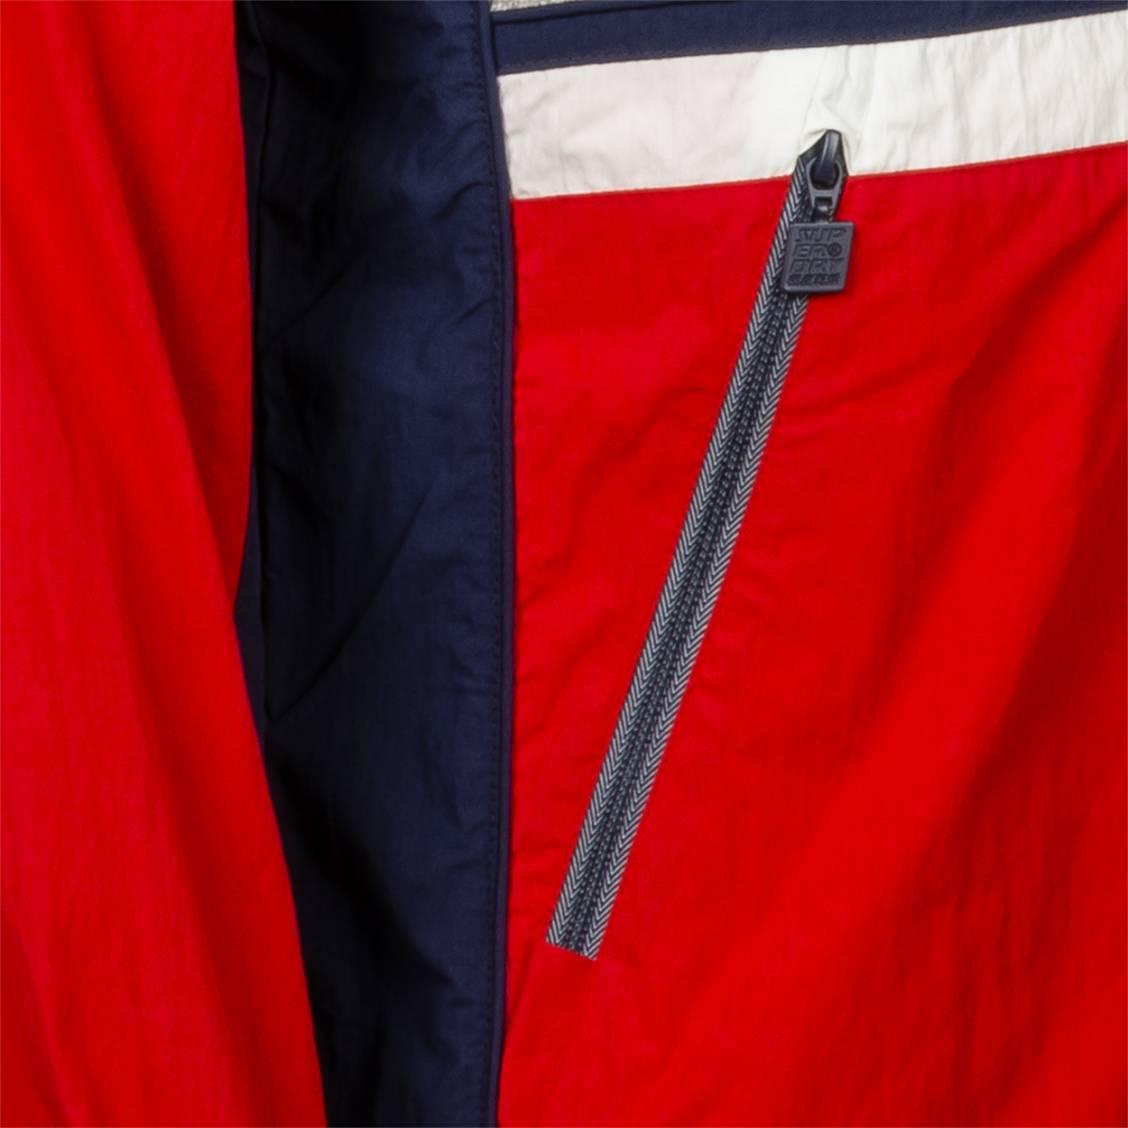 Veste coupe vent Superdry Summer House en coton mélangé colorblock gris, rouge, blanc, et bleu marine | Rue Des Hommes